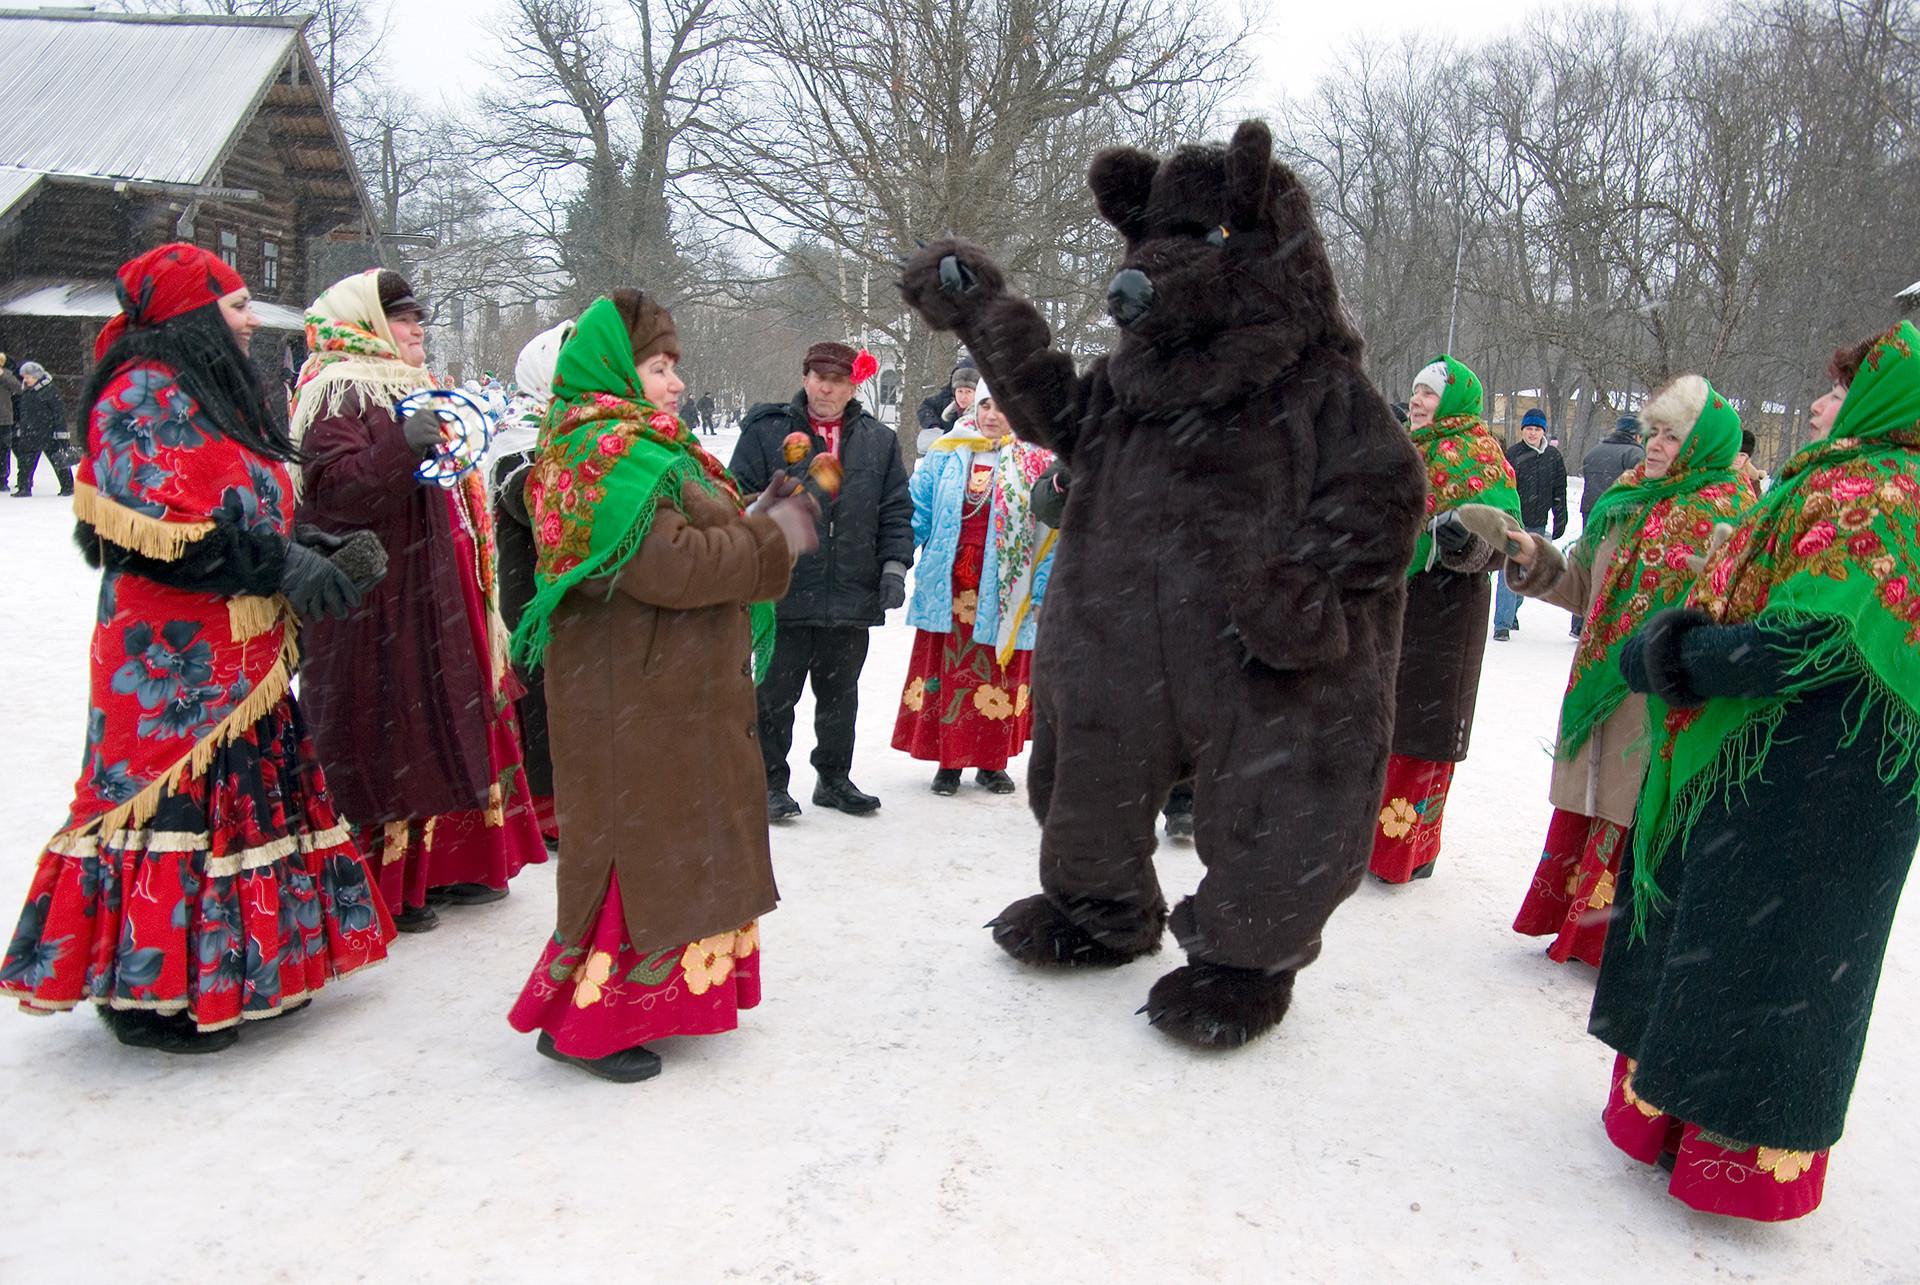 El festival dedicado a la Navidad en Nóvgorod Veliki suele celebrarse cerca del Museo de Arquitectura de Madera de Vitoslavlitsi. Nóvgorod. Rusia.